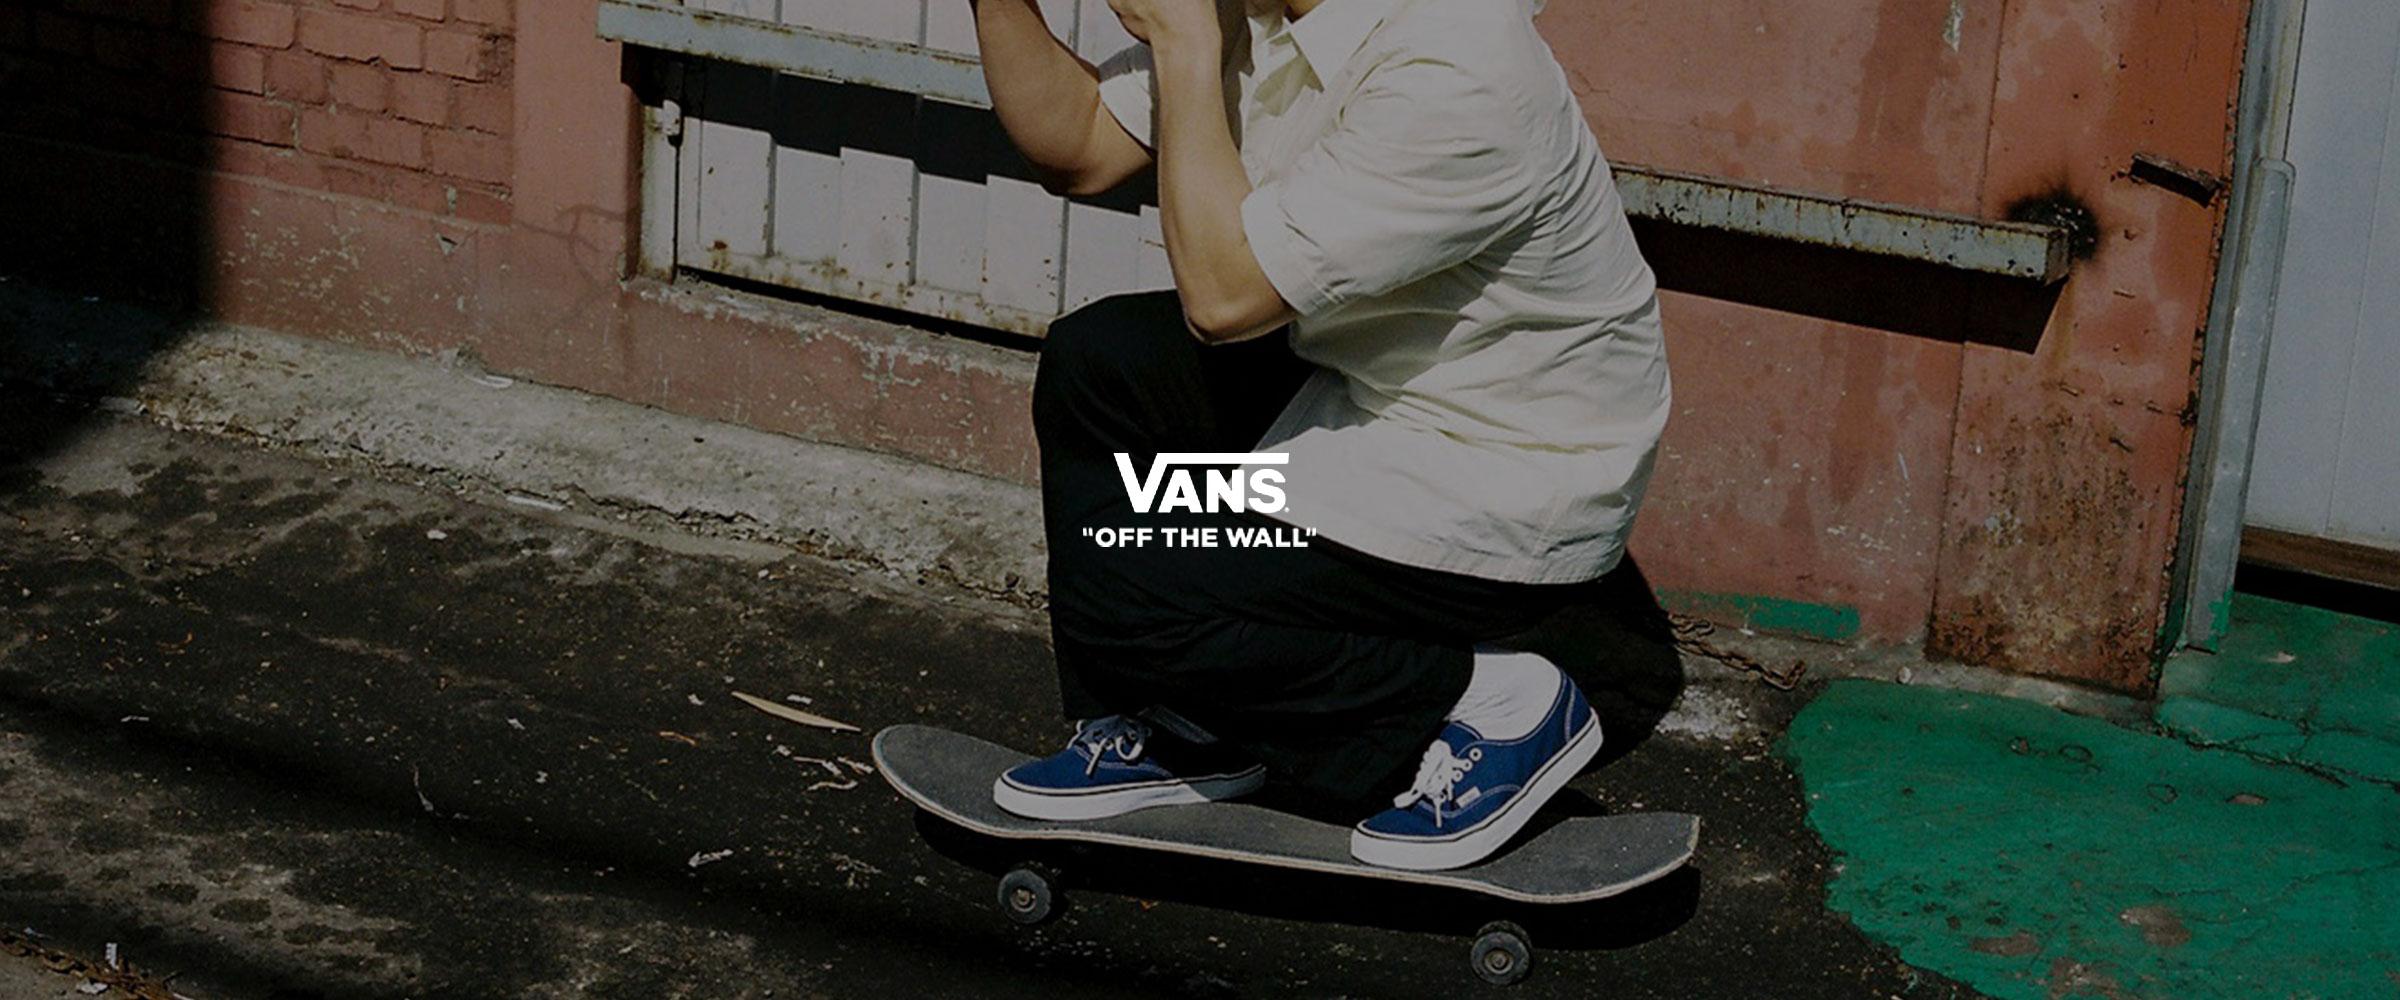 vans_1.jpg